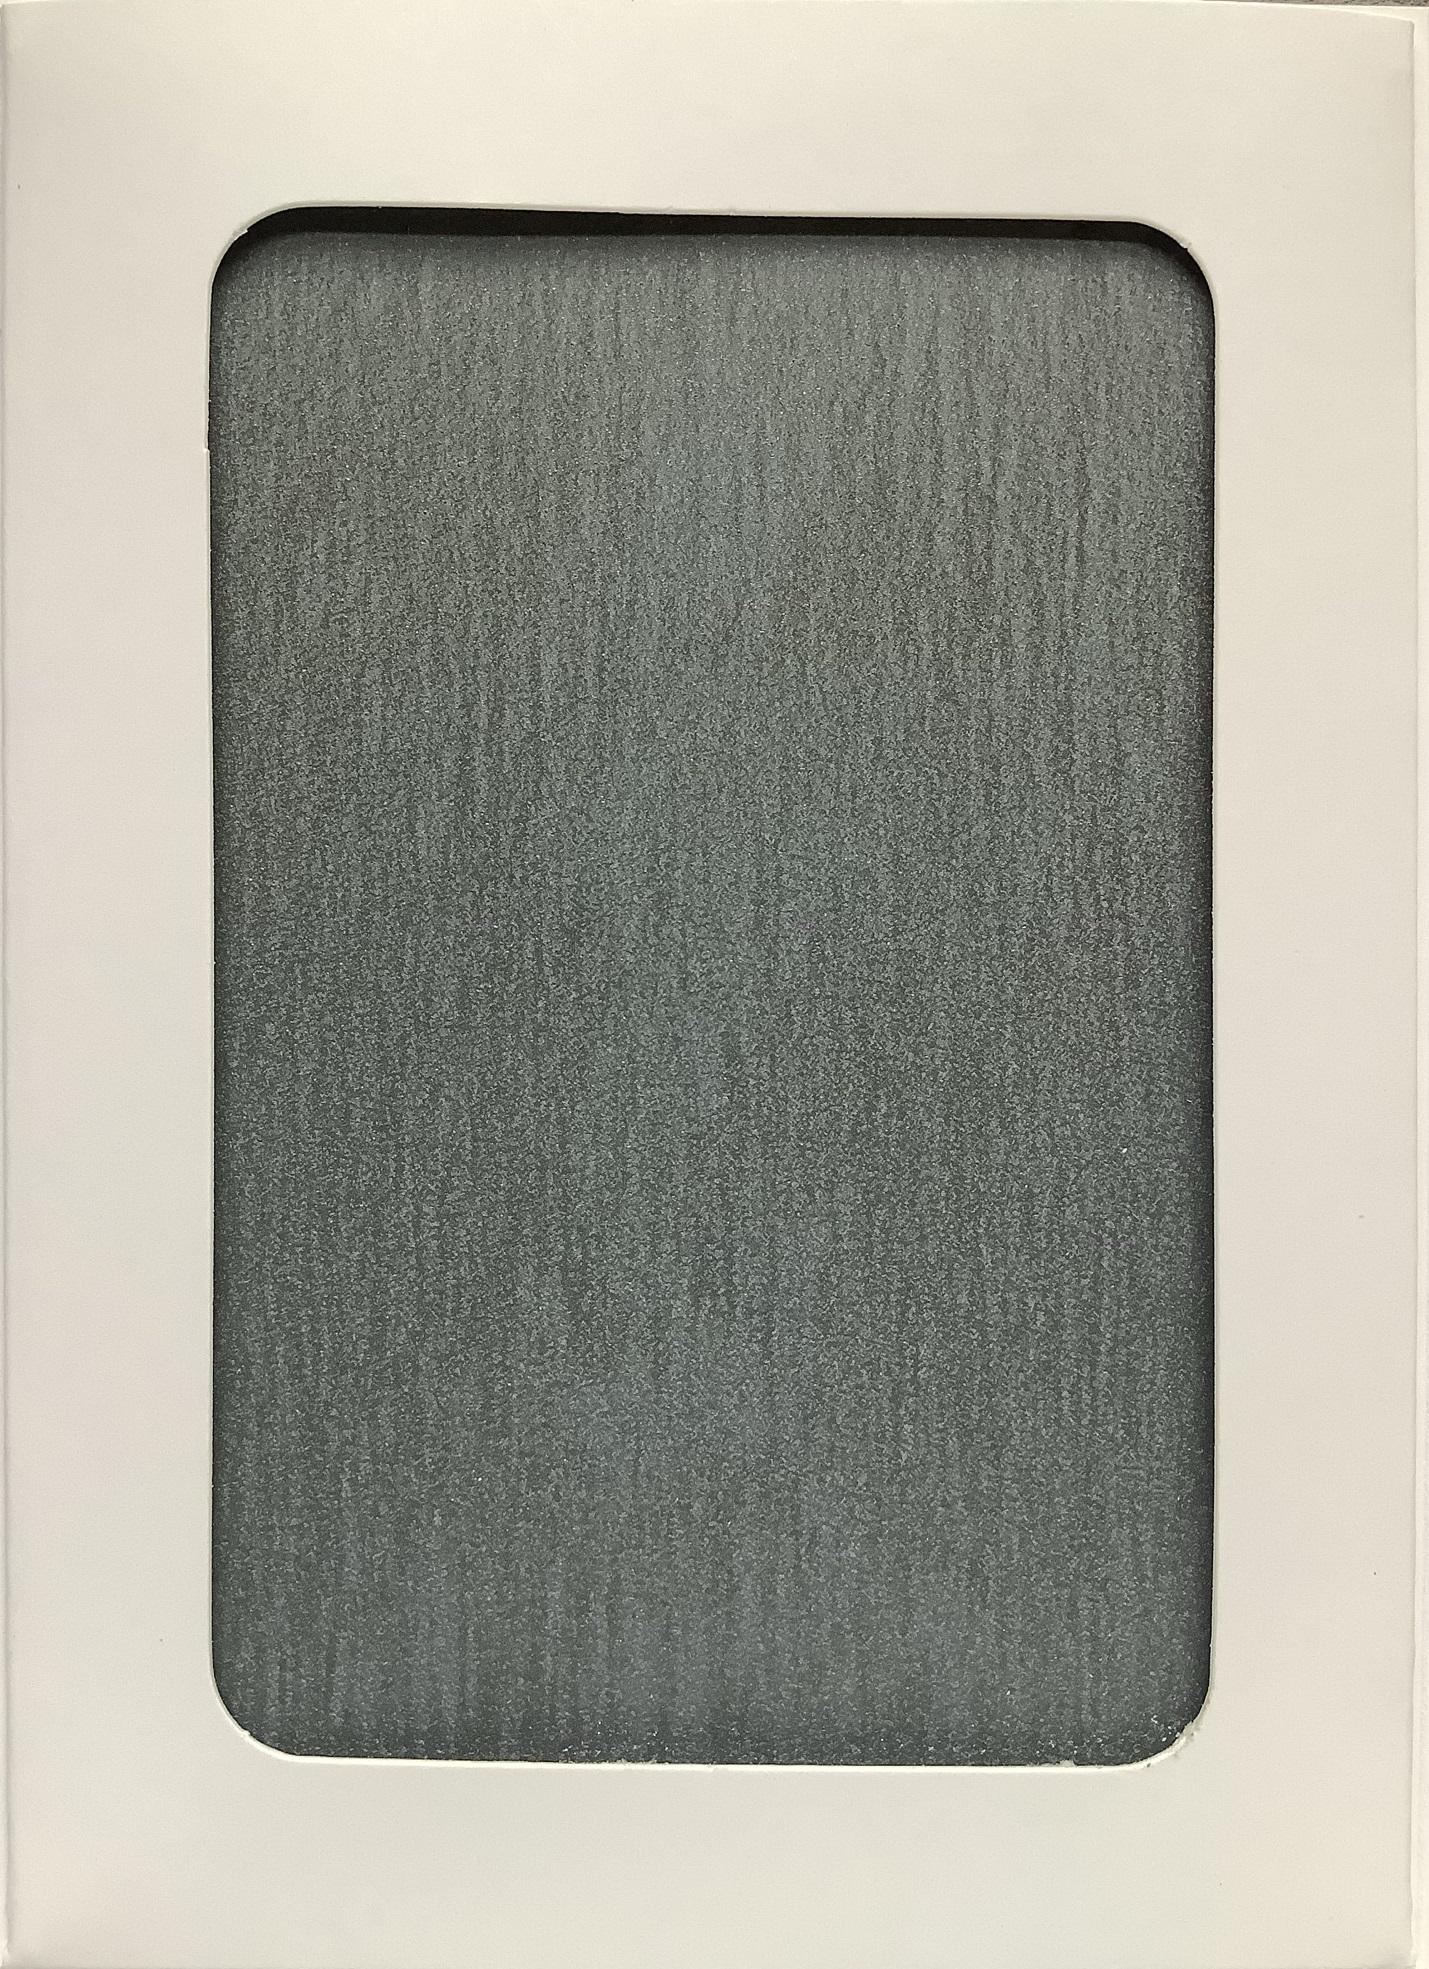 Aluminum – Zinc Blue